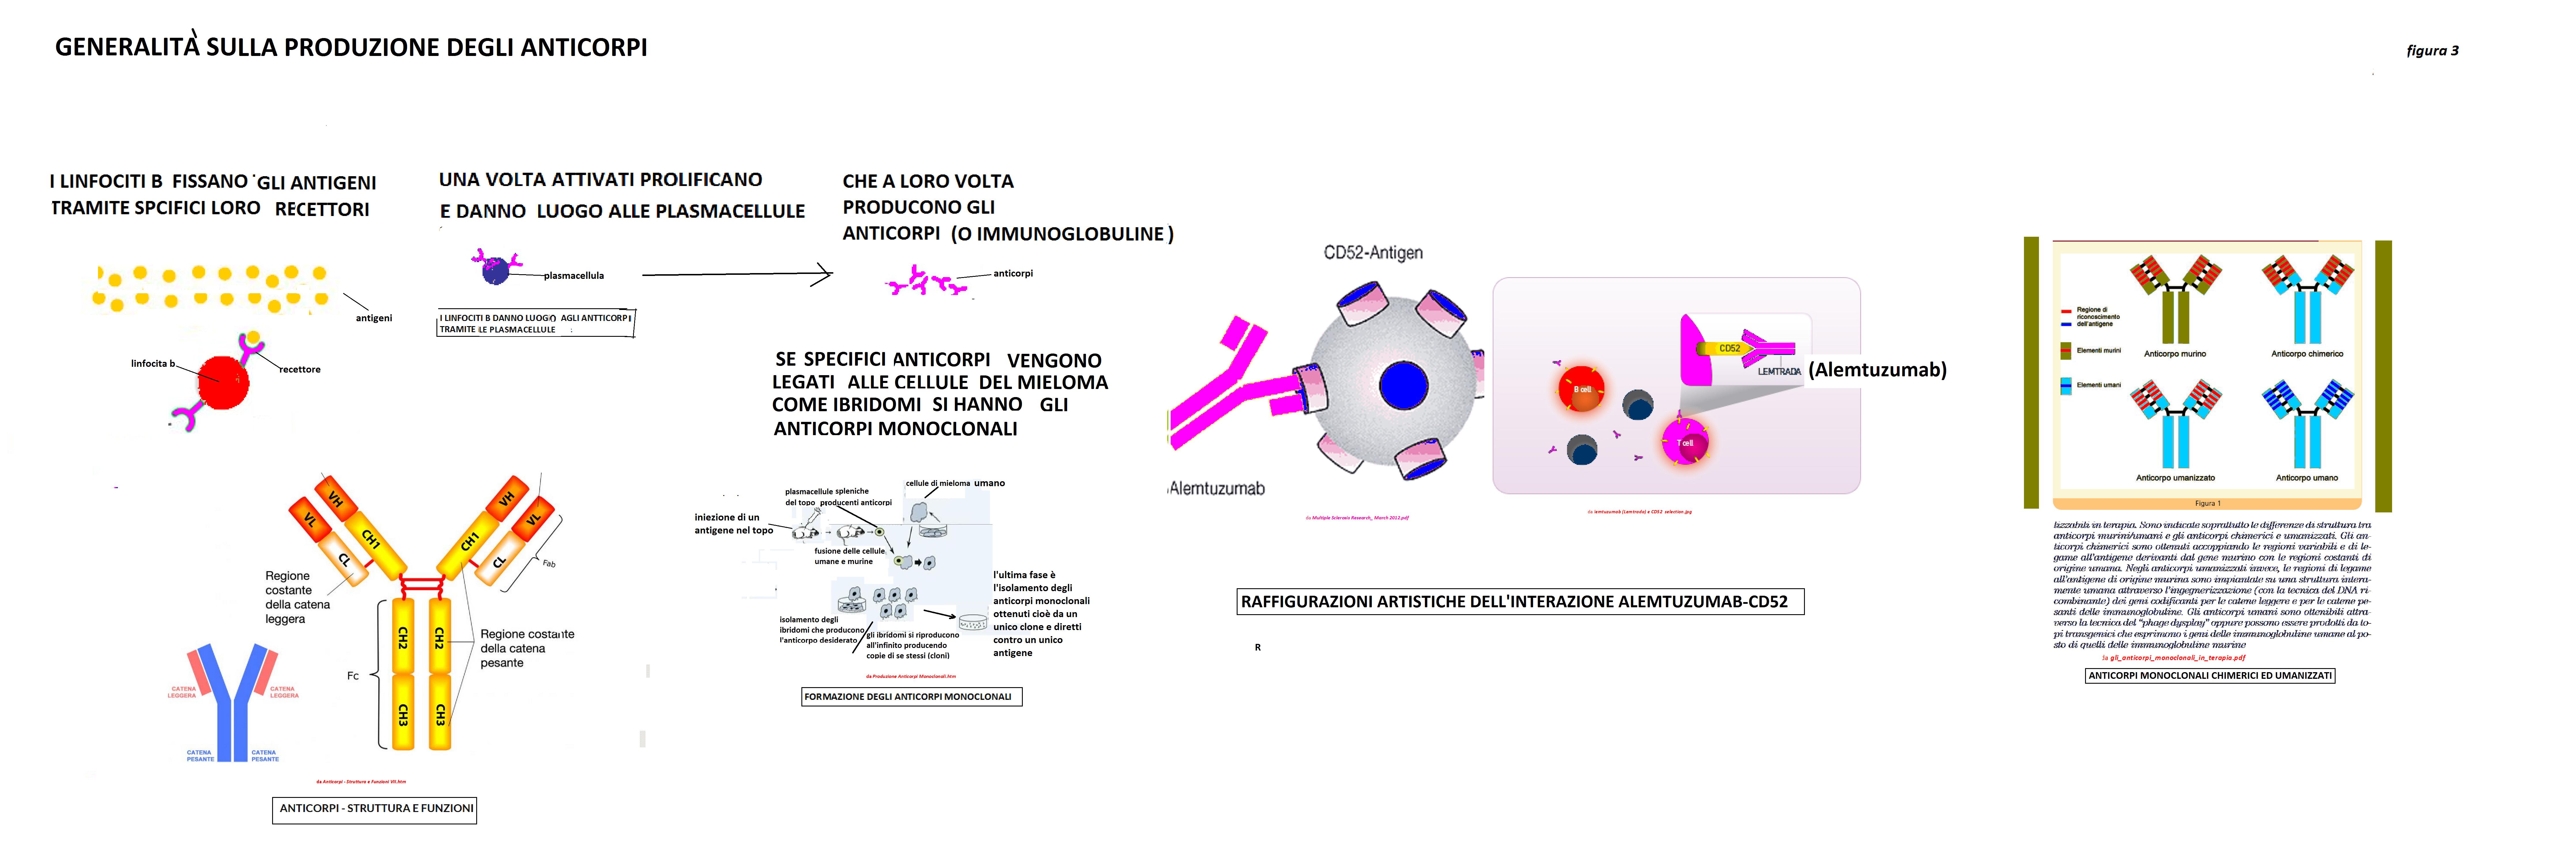 Per quanto riguarda gli anticorpi monoclonali vedere anche il mio articolo la difficile impresa di battere il cancro Per ulteriormente chiarire la loro